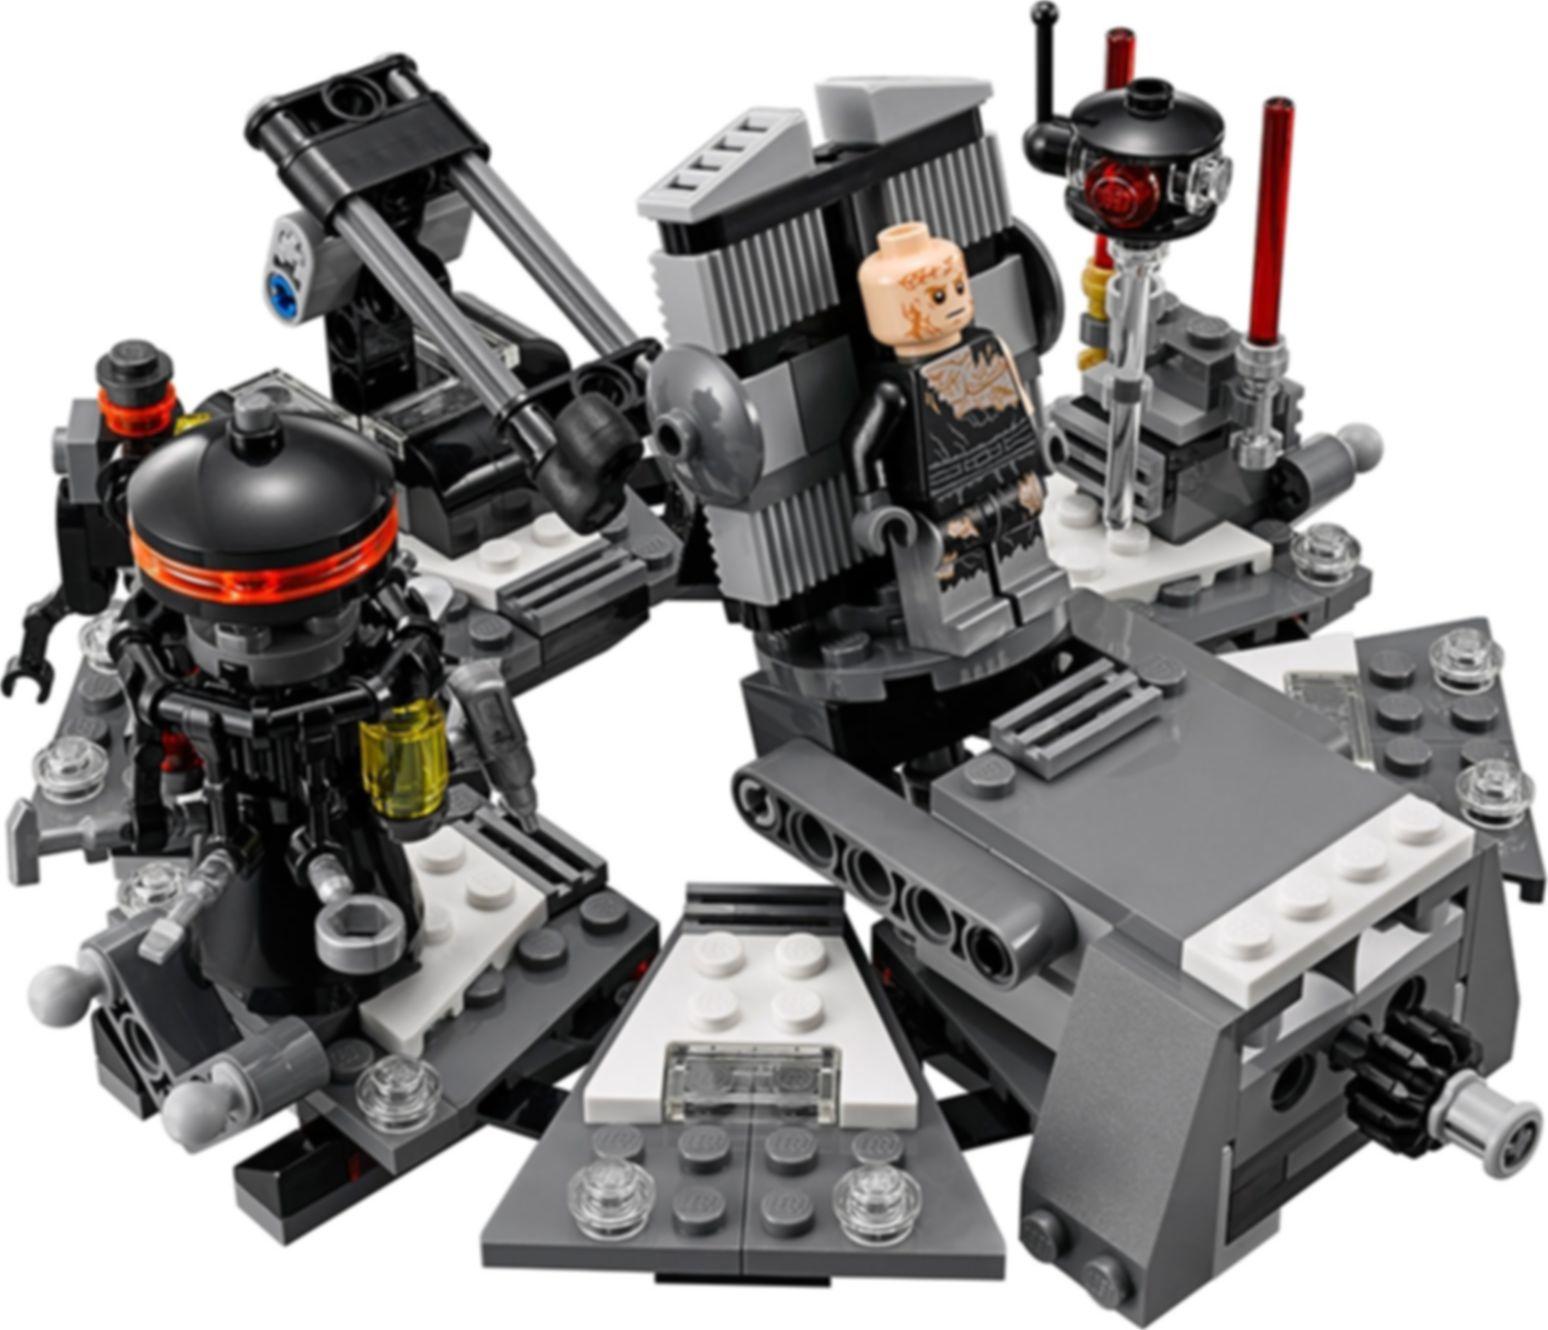 LEGO® Star Wars Darth Vader™ Transformation gameplay